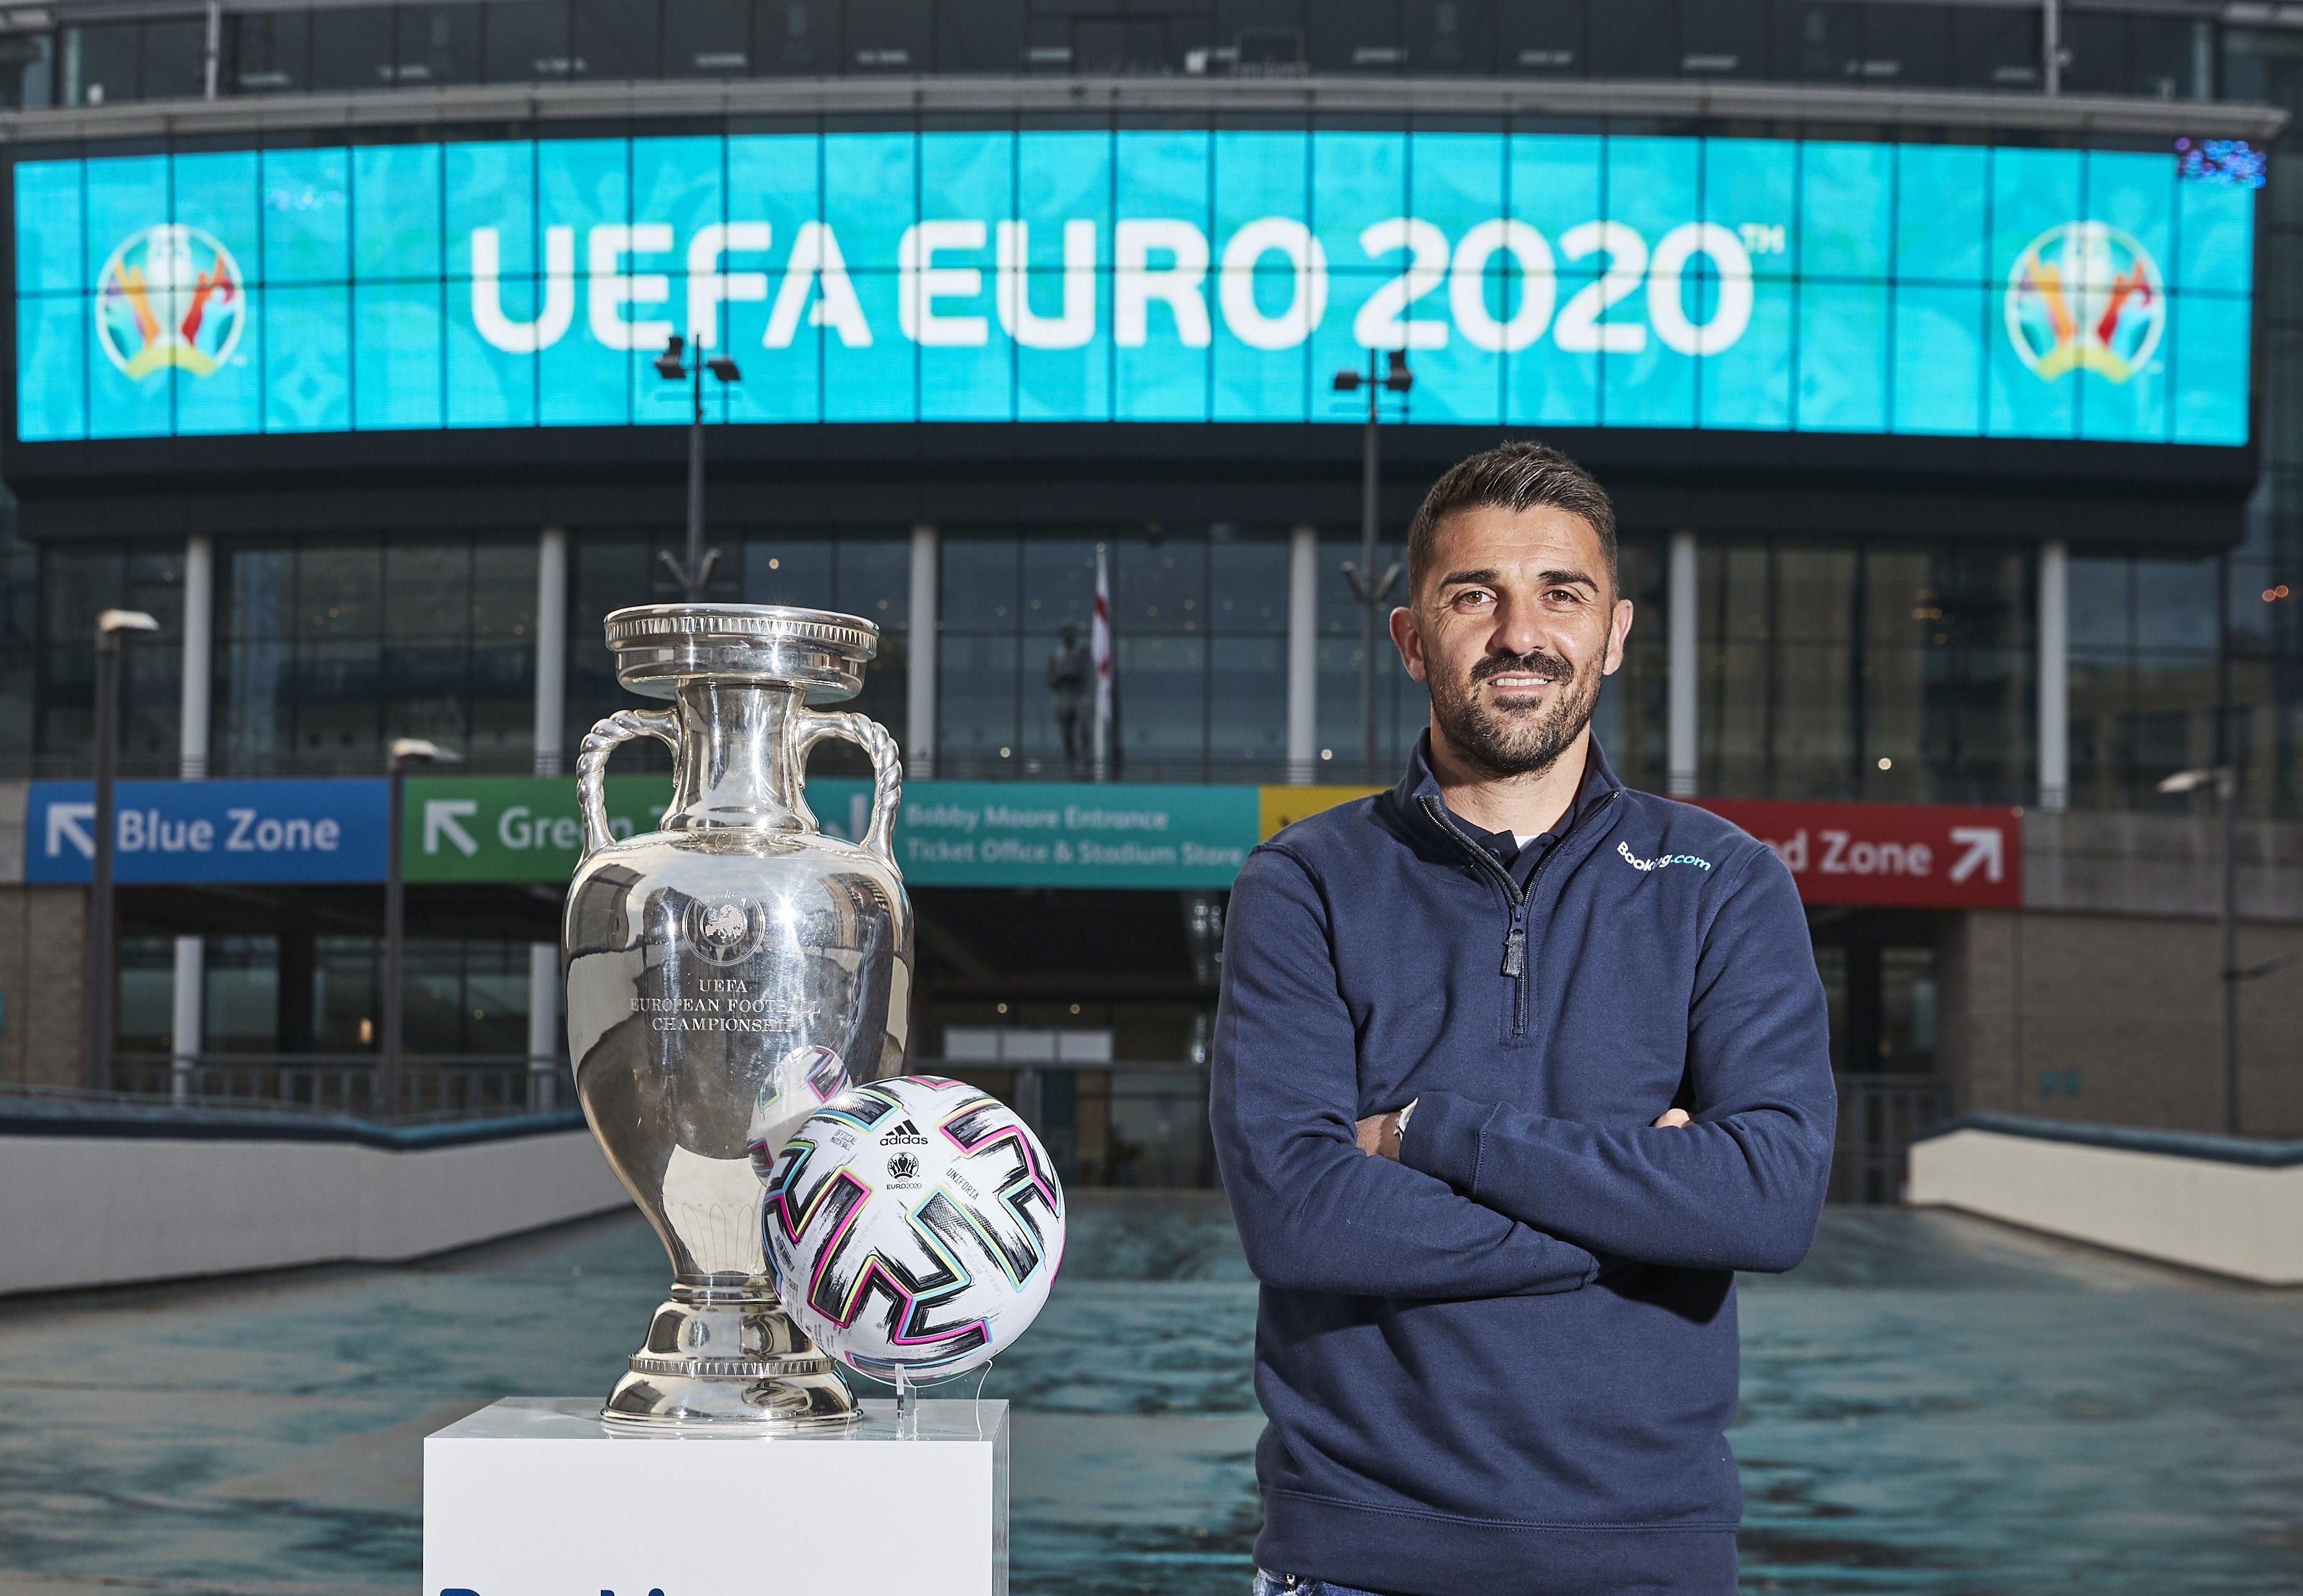 Den tidligere spanske landsholdsforward David Villa, der også har spillet for FC Barcelona, er i dag blandt andet ambassadør for Booking.com – og sammen med ham kan vinderen af Booking.com konkurrencen overvære finalen i Europamesterskabet i fodbold næste år. PR-foto fra Booking.com,  Mark Robinson.